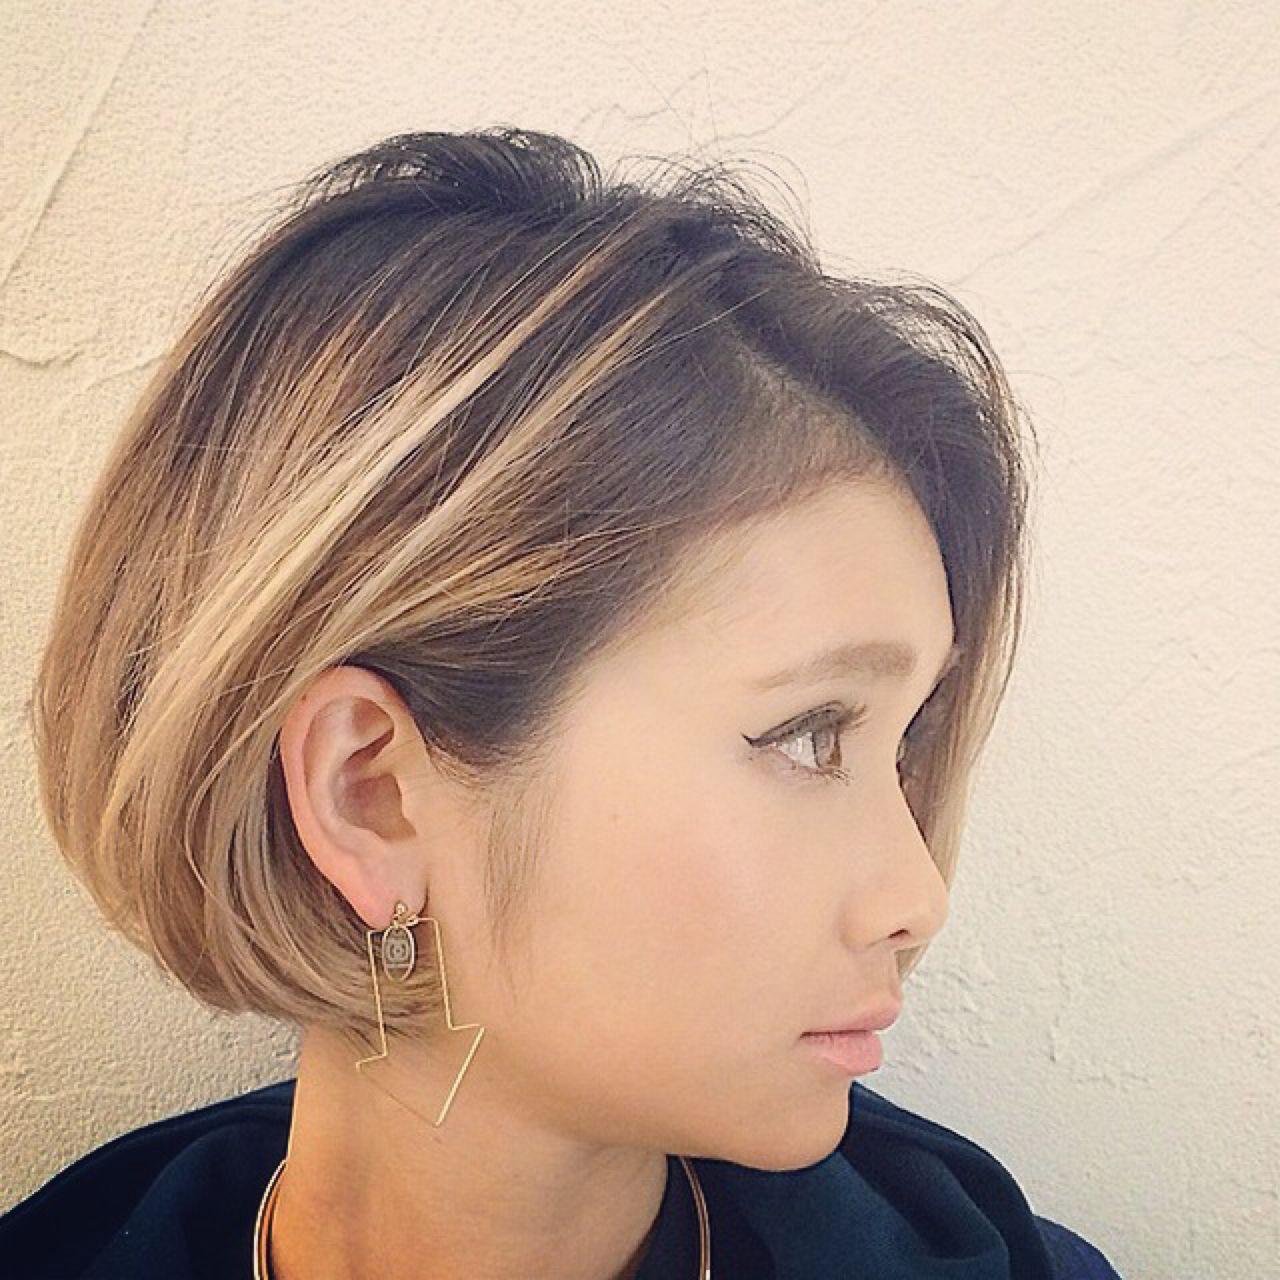 ボブ ストレート 外国人風 ストリート ヘアスタイルや髪型の写真・画像 | RUMINA //高田ゆみこ / Rumina